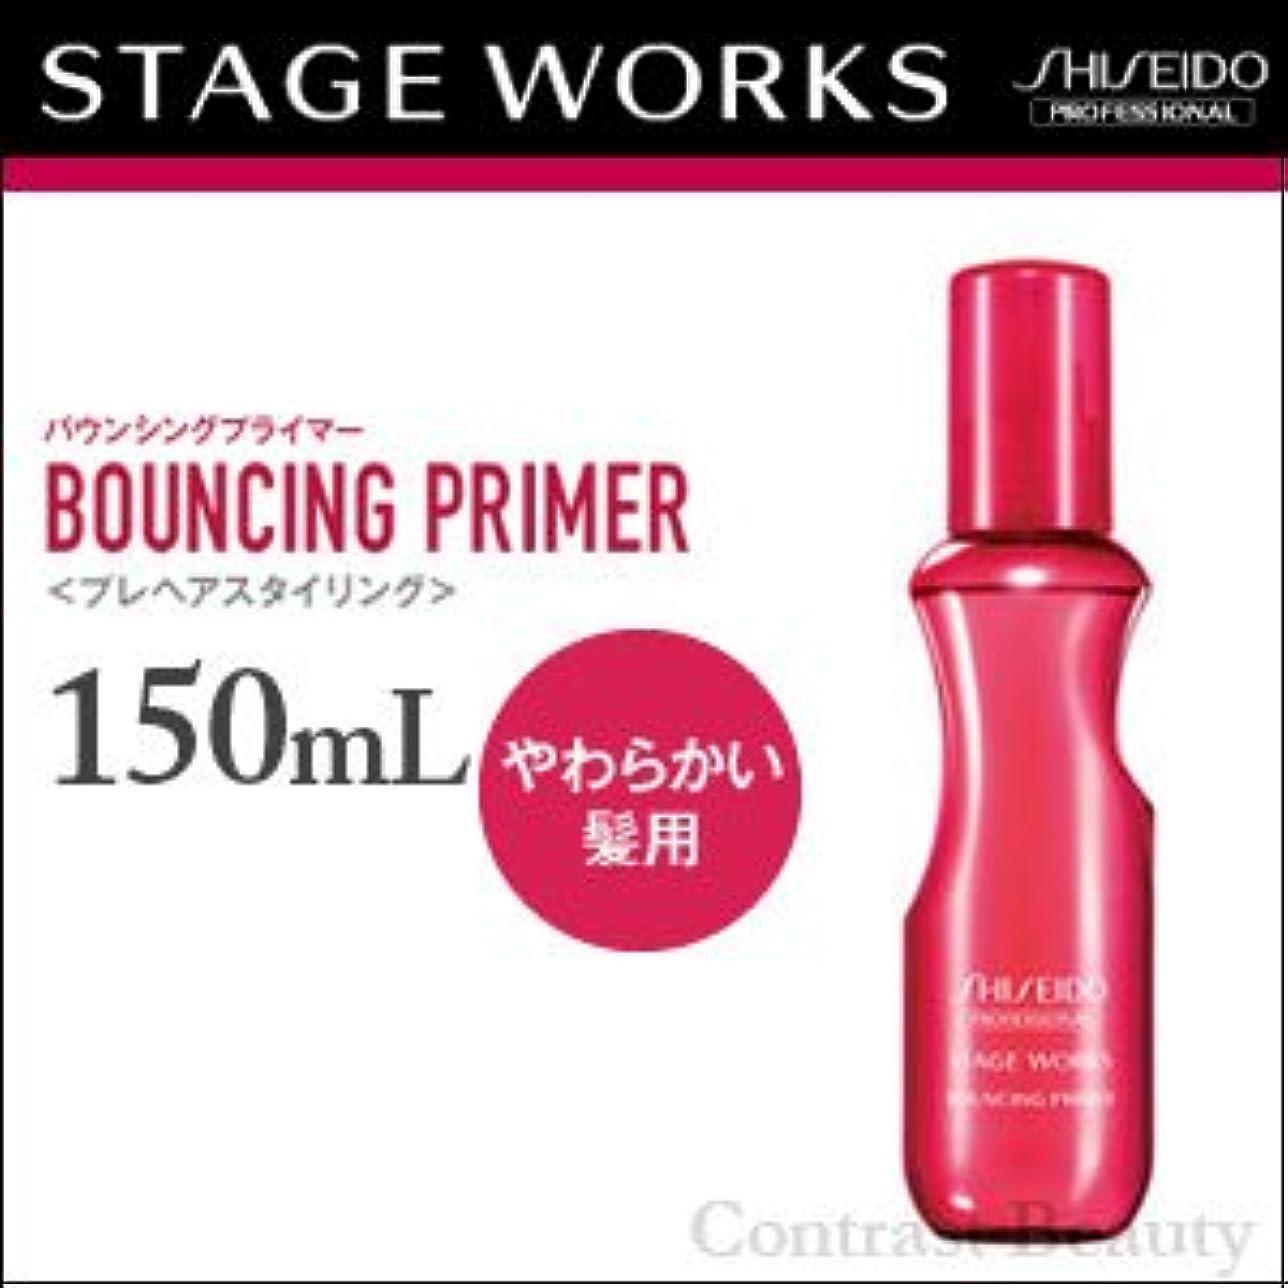 アルコールビリーヤギ汚れる【x4個セット】 資生堂 ステージワークス バウンシングプライマー 150ml